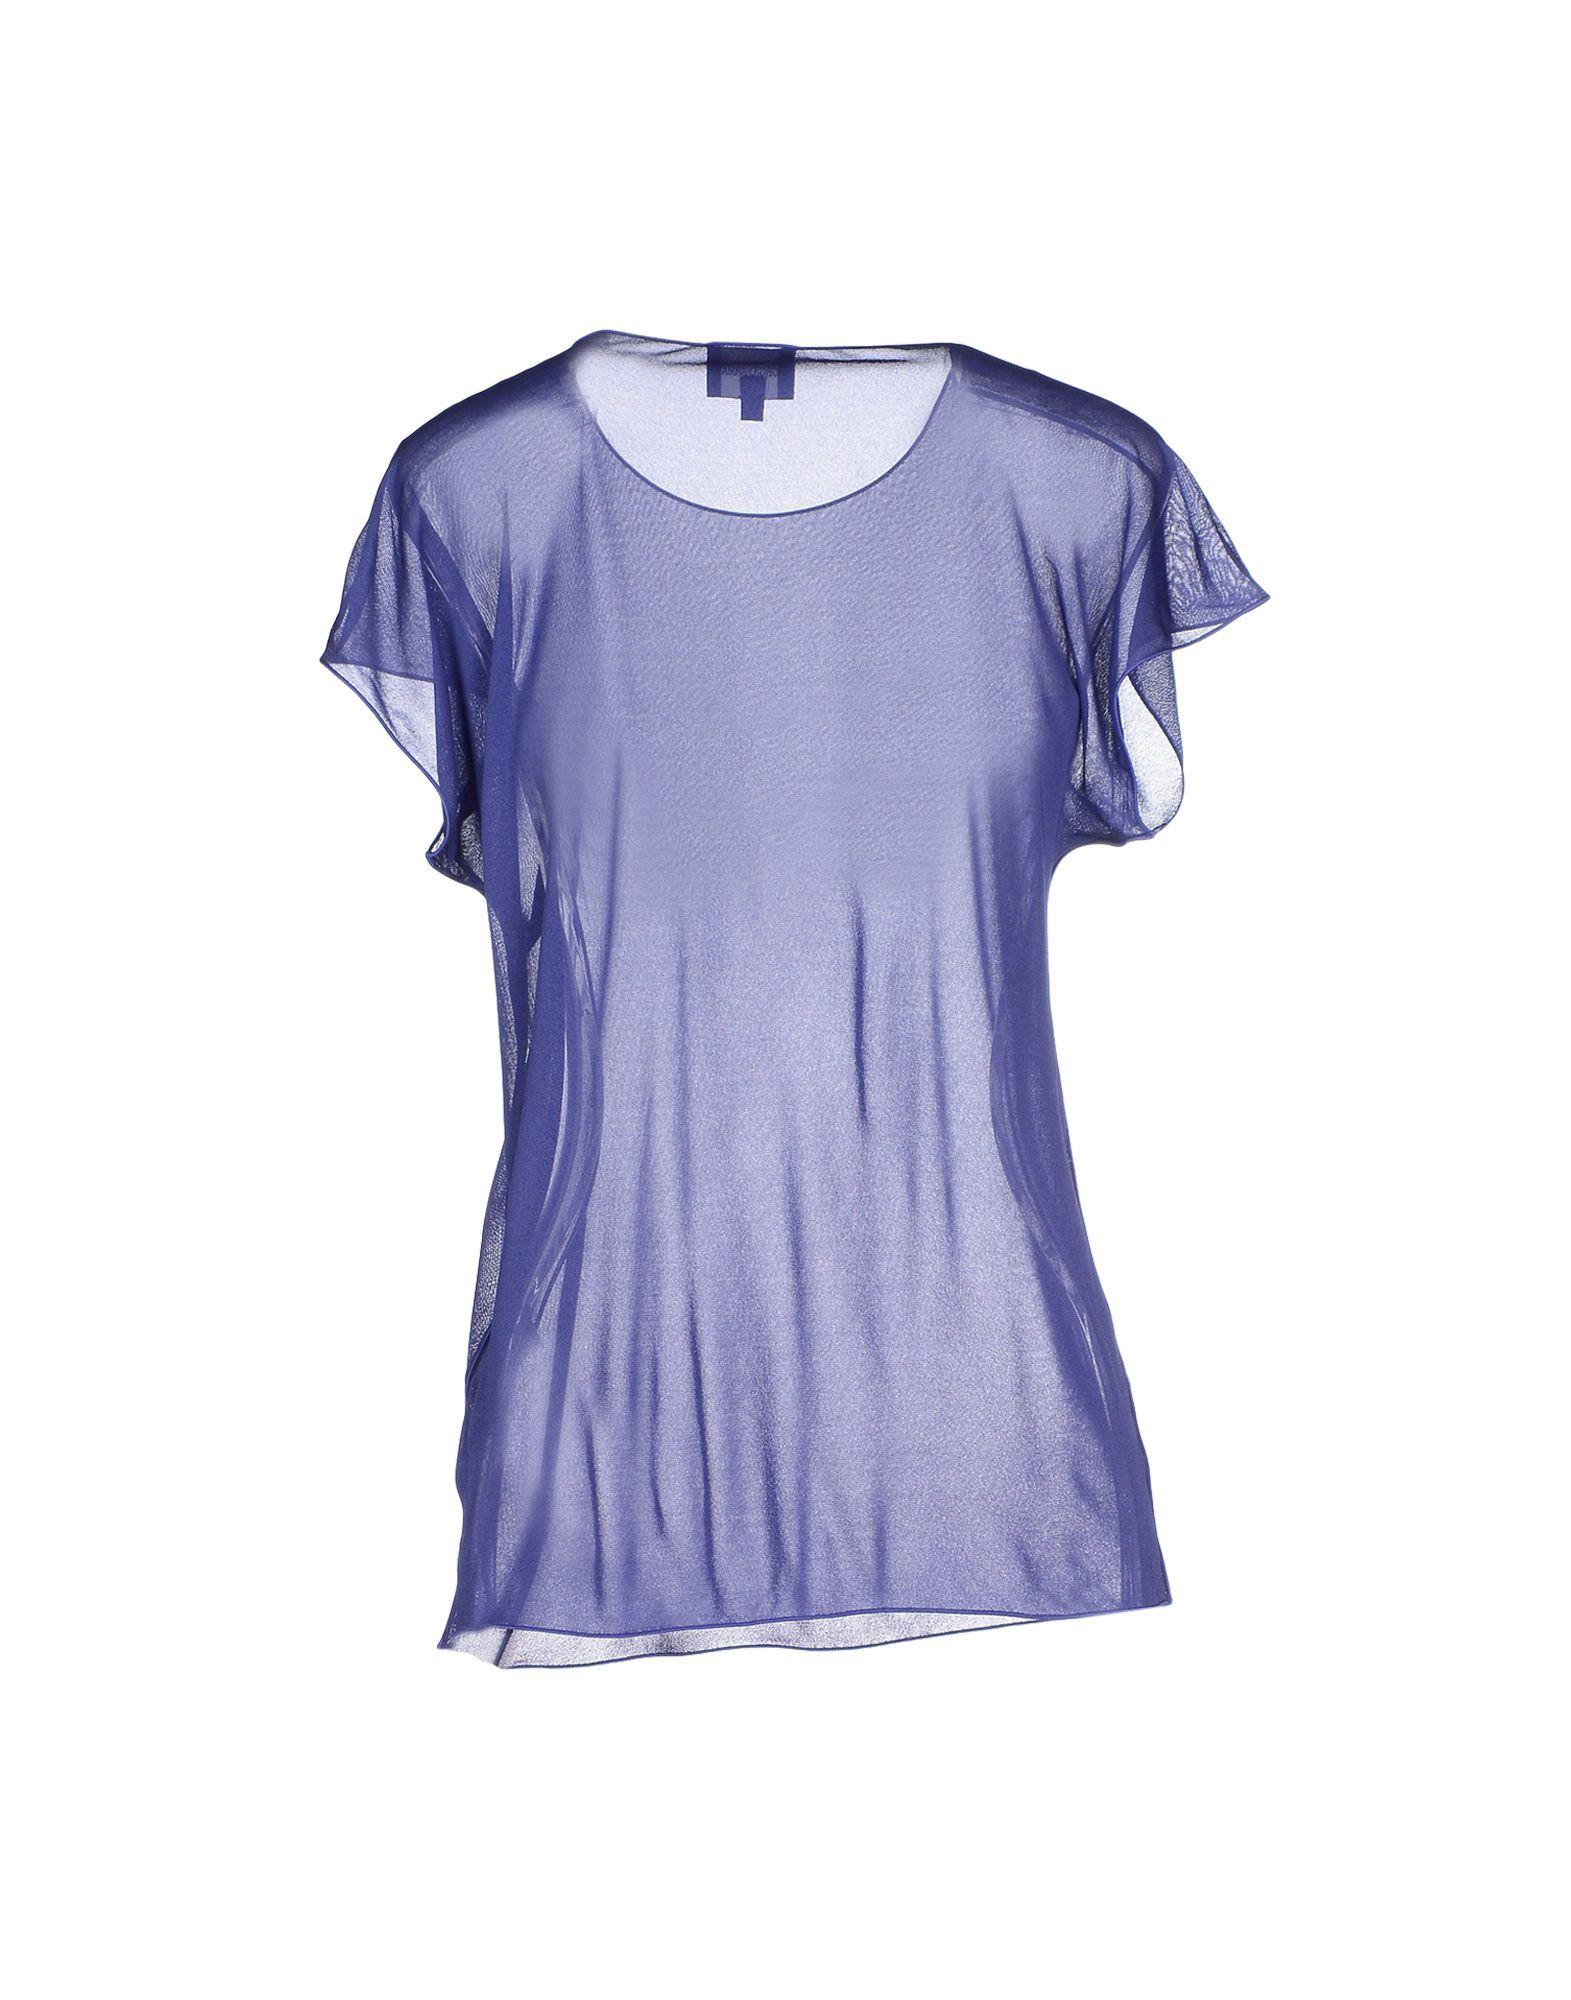 Lyst - Giorgio armani T-shirt in Purple